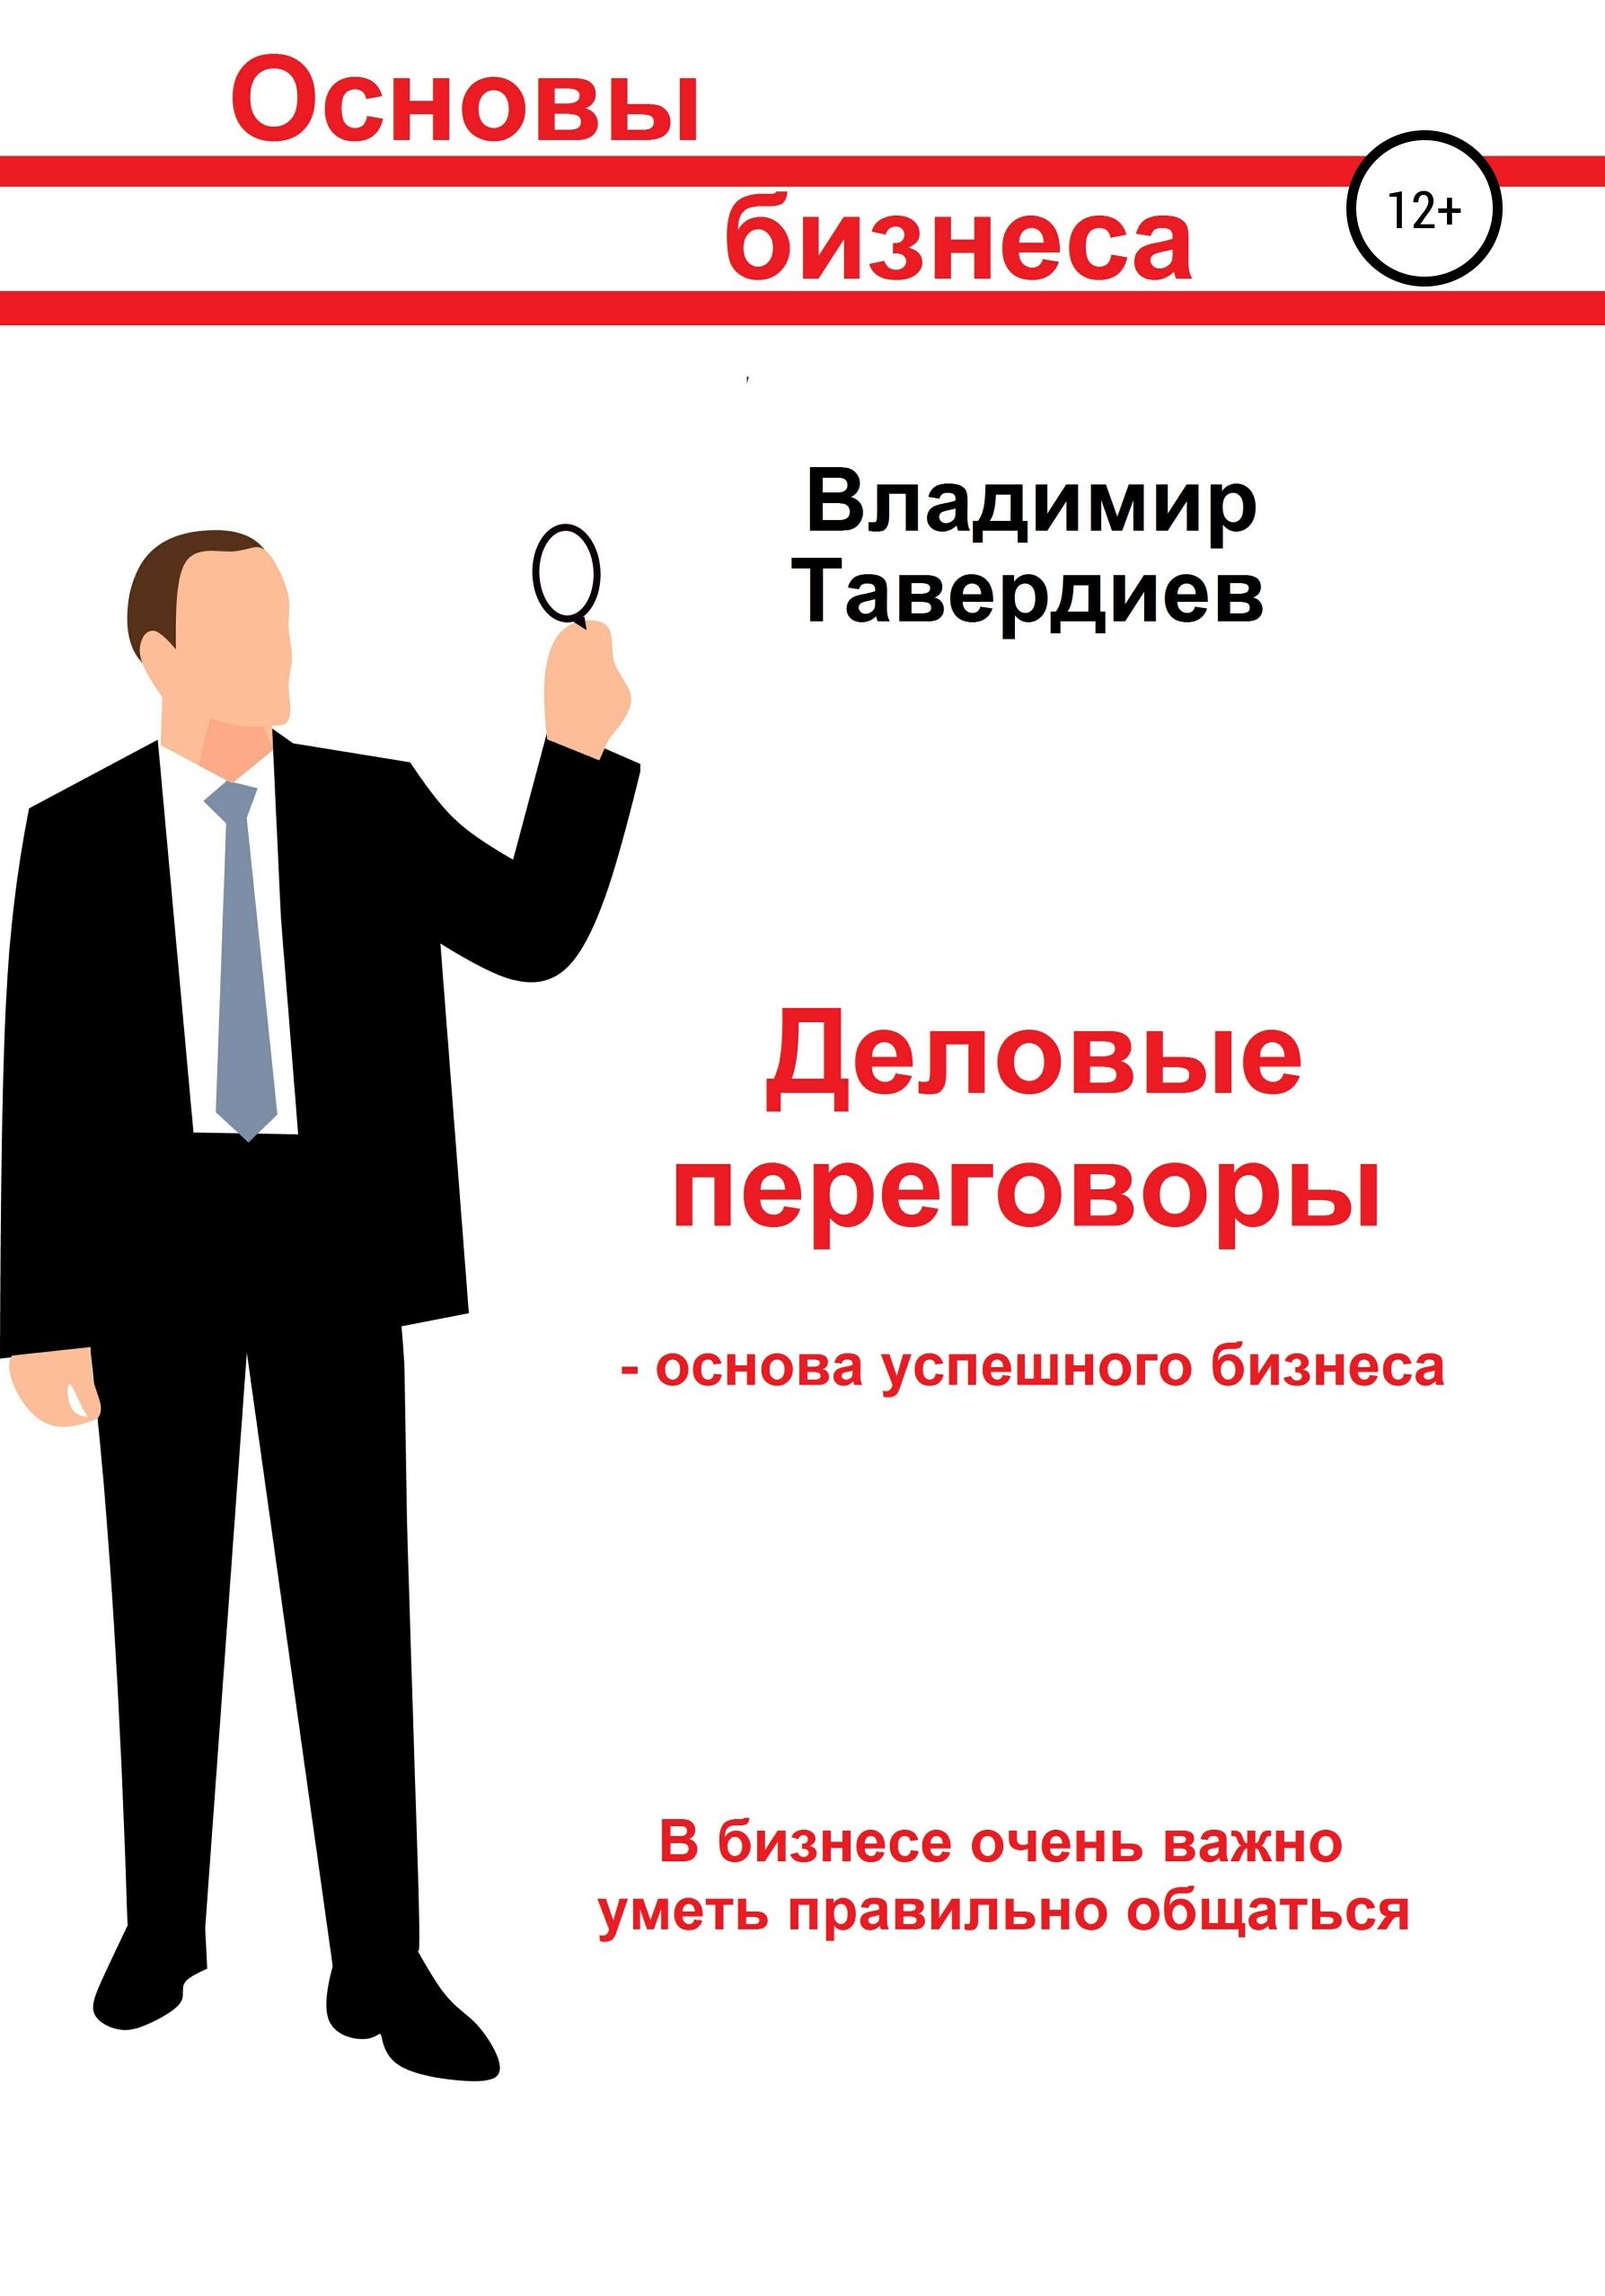 Владимир Владимирович Тавердиев Деловые переговоры – основа успешного бизнеса баннерман л искусство общения новые деловые контакты за 90 минут